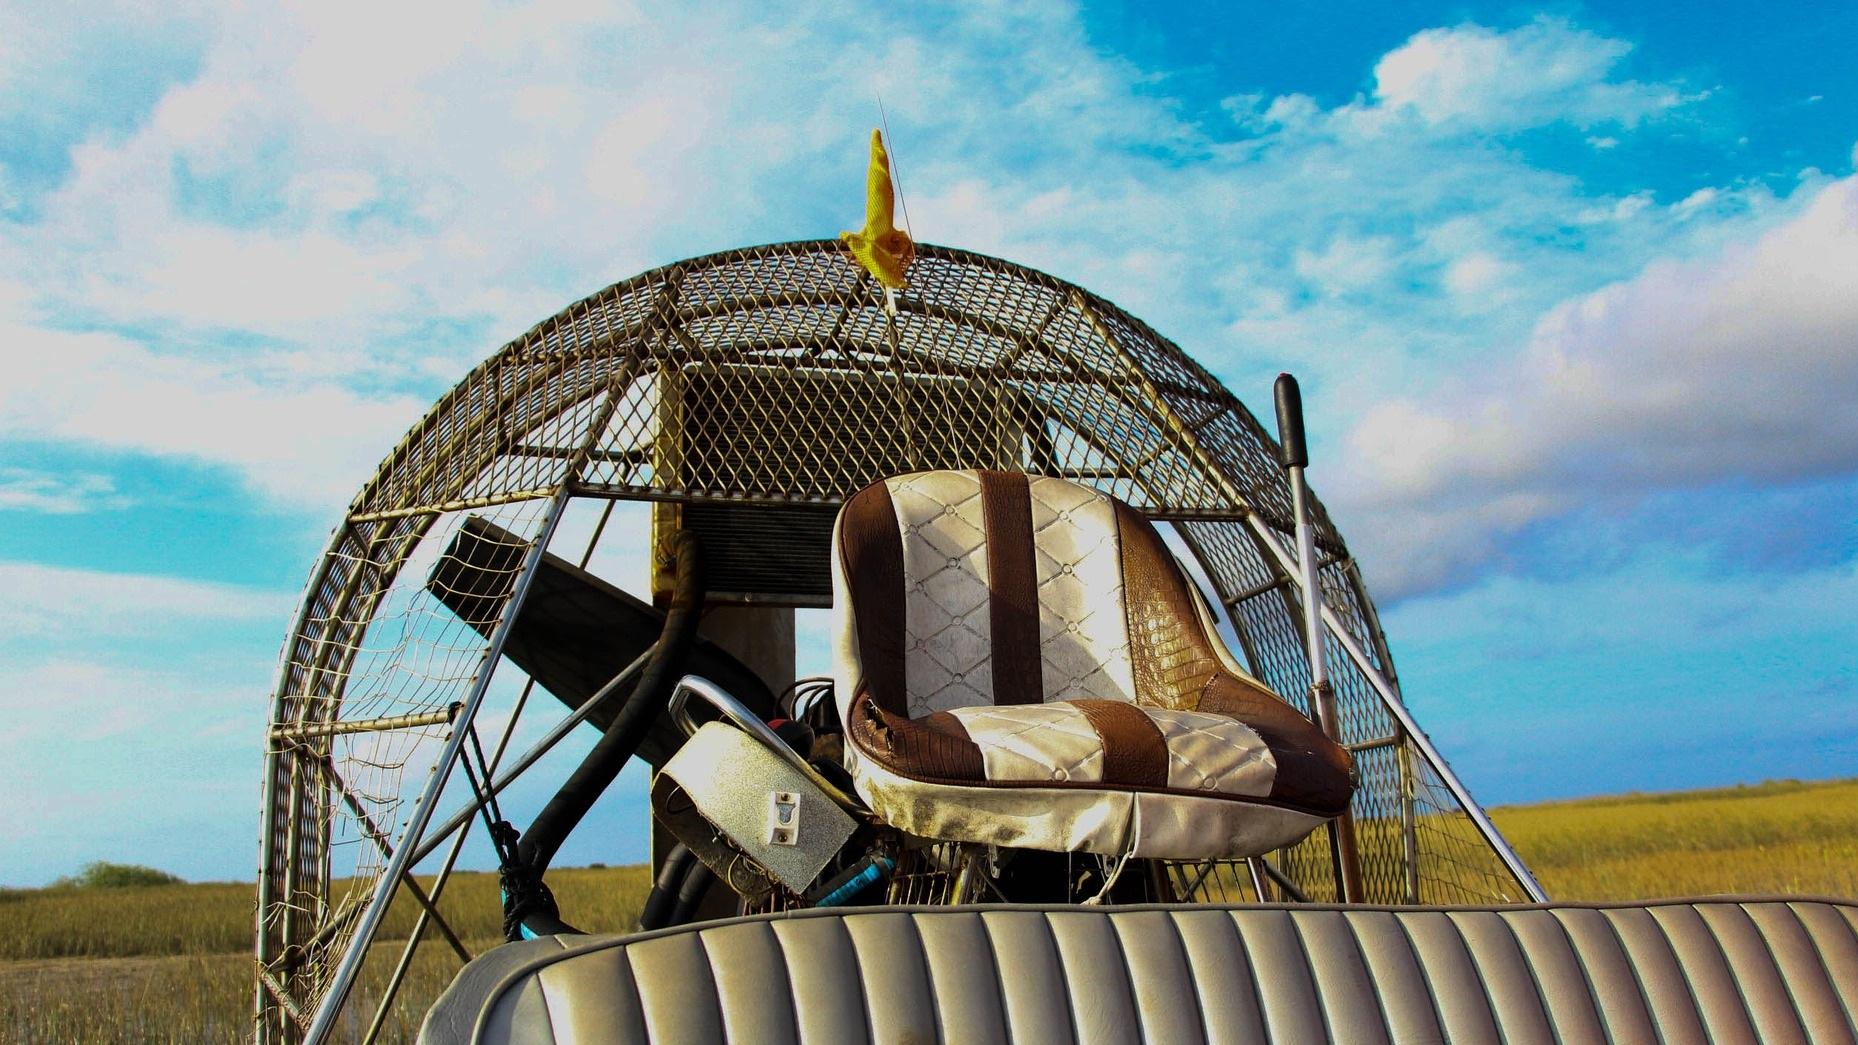 Everglades Airboat - Den här upplevelsen är för den äventyrslystne. I den totalt sex timmar långa turen ingår 30 minuters båtresa genom Everglades, möte med alligatorer och en trip till djungeln där du får uppleva reptiler i sin hemmiljö. Du får dessutom se Miami i horisonten från vackra Biscayne.